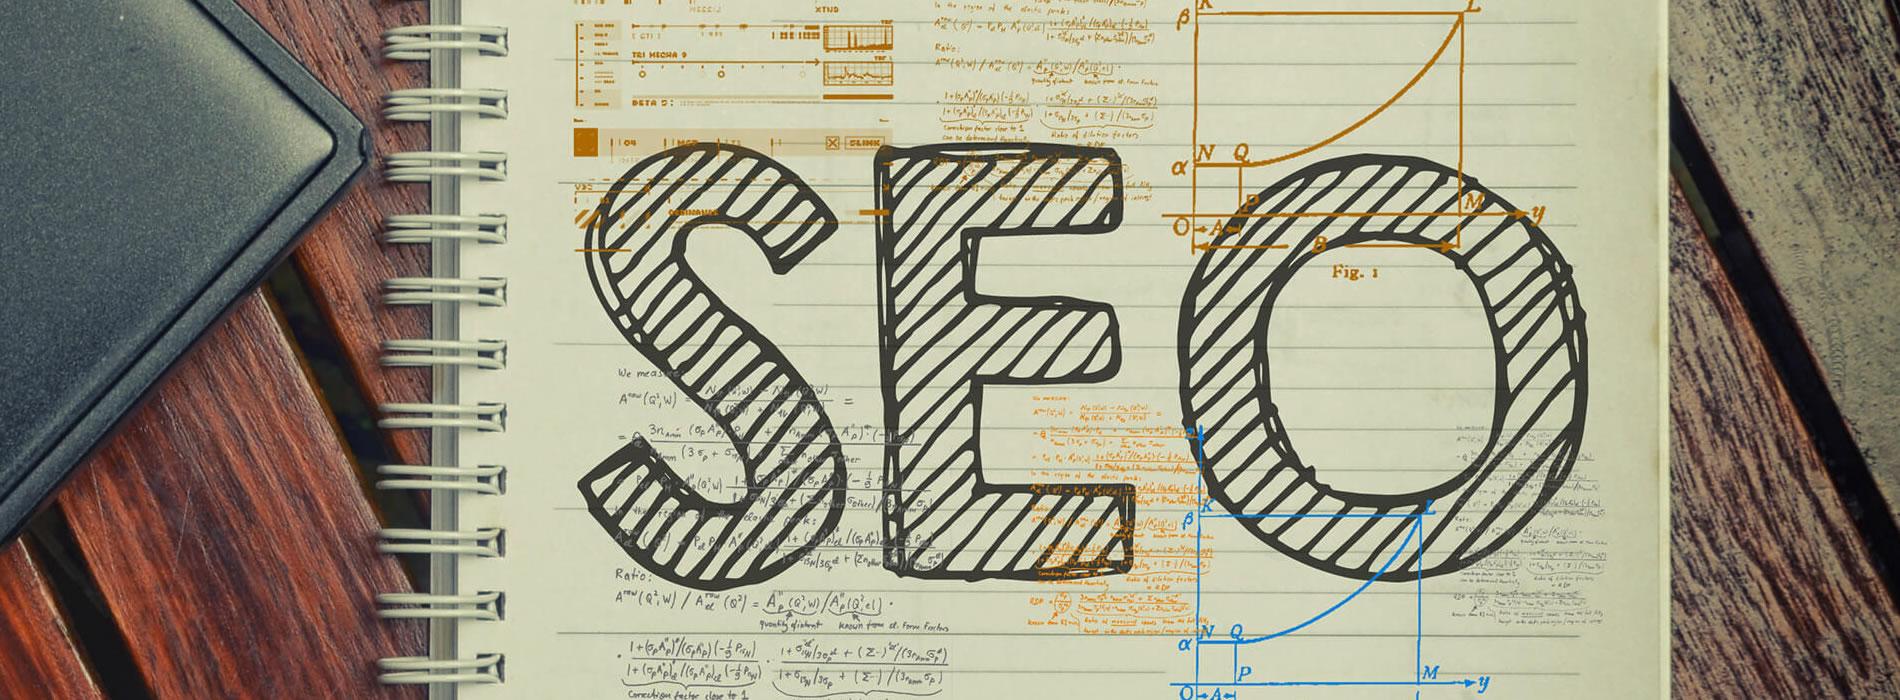 Qu'est Ce Que Le Référencement Optimisation De Site Web Pour Les Moteurs De Recherche